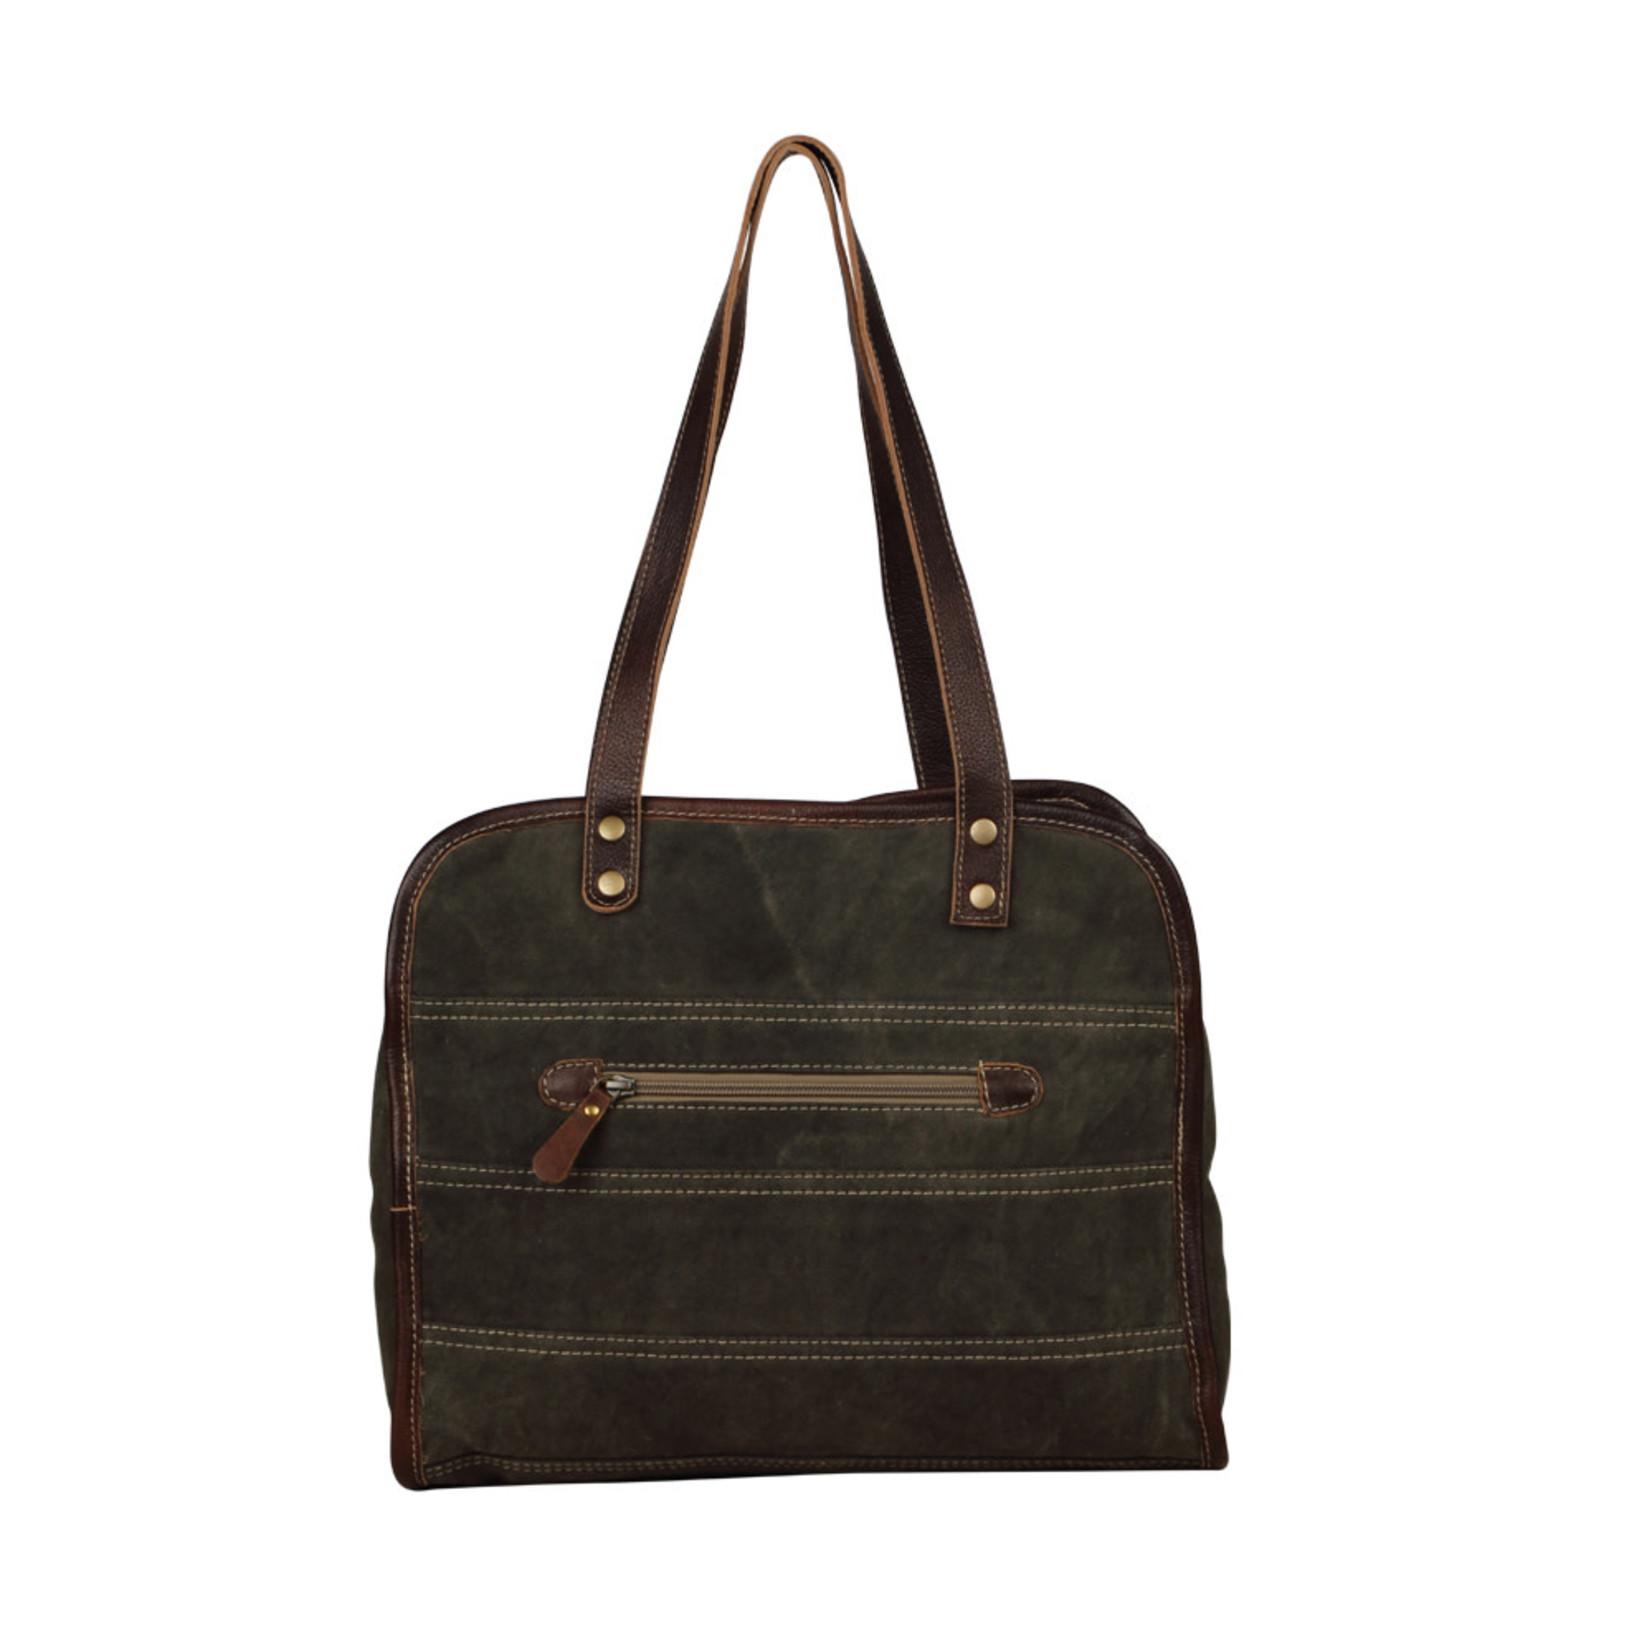 Myra Bags S-2067 Rigor Vigor Bag